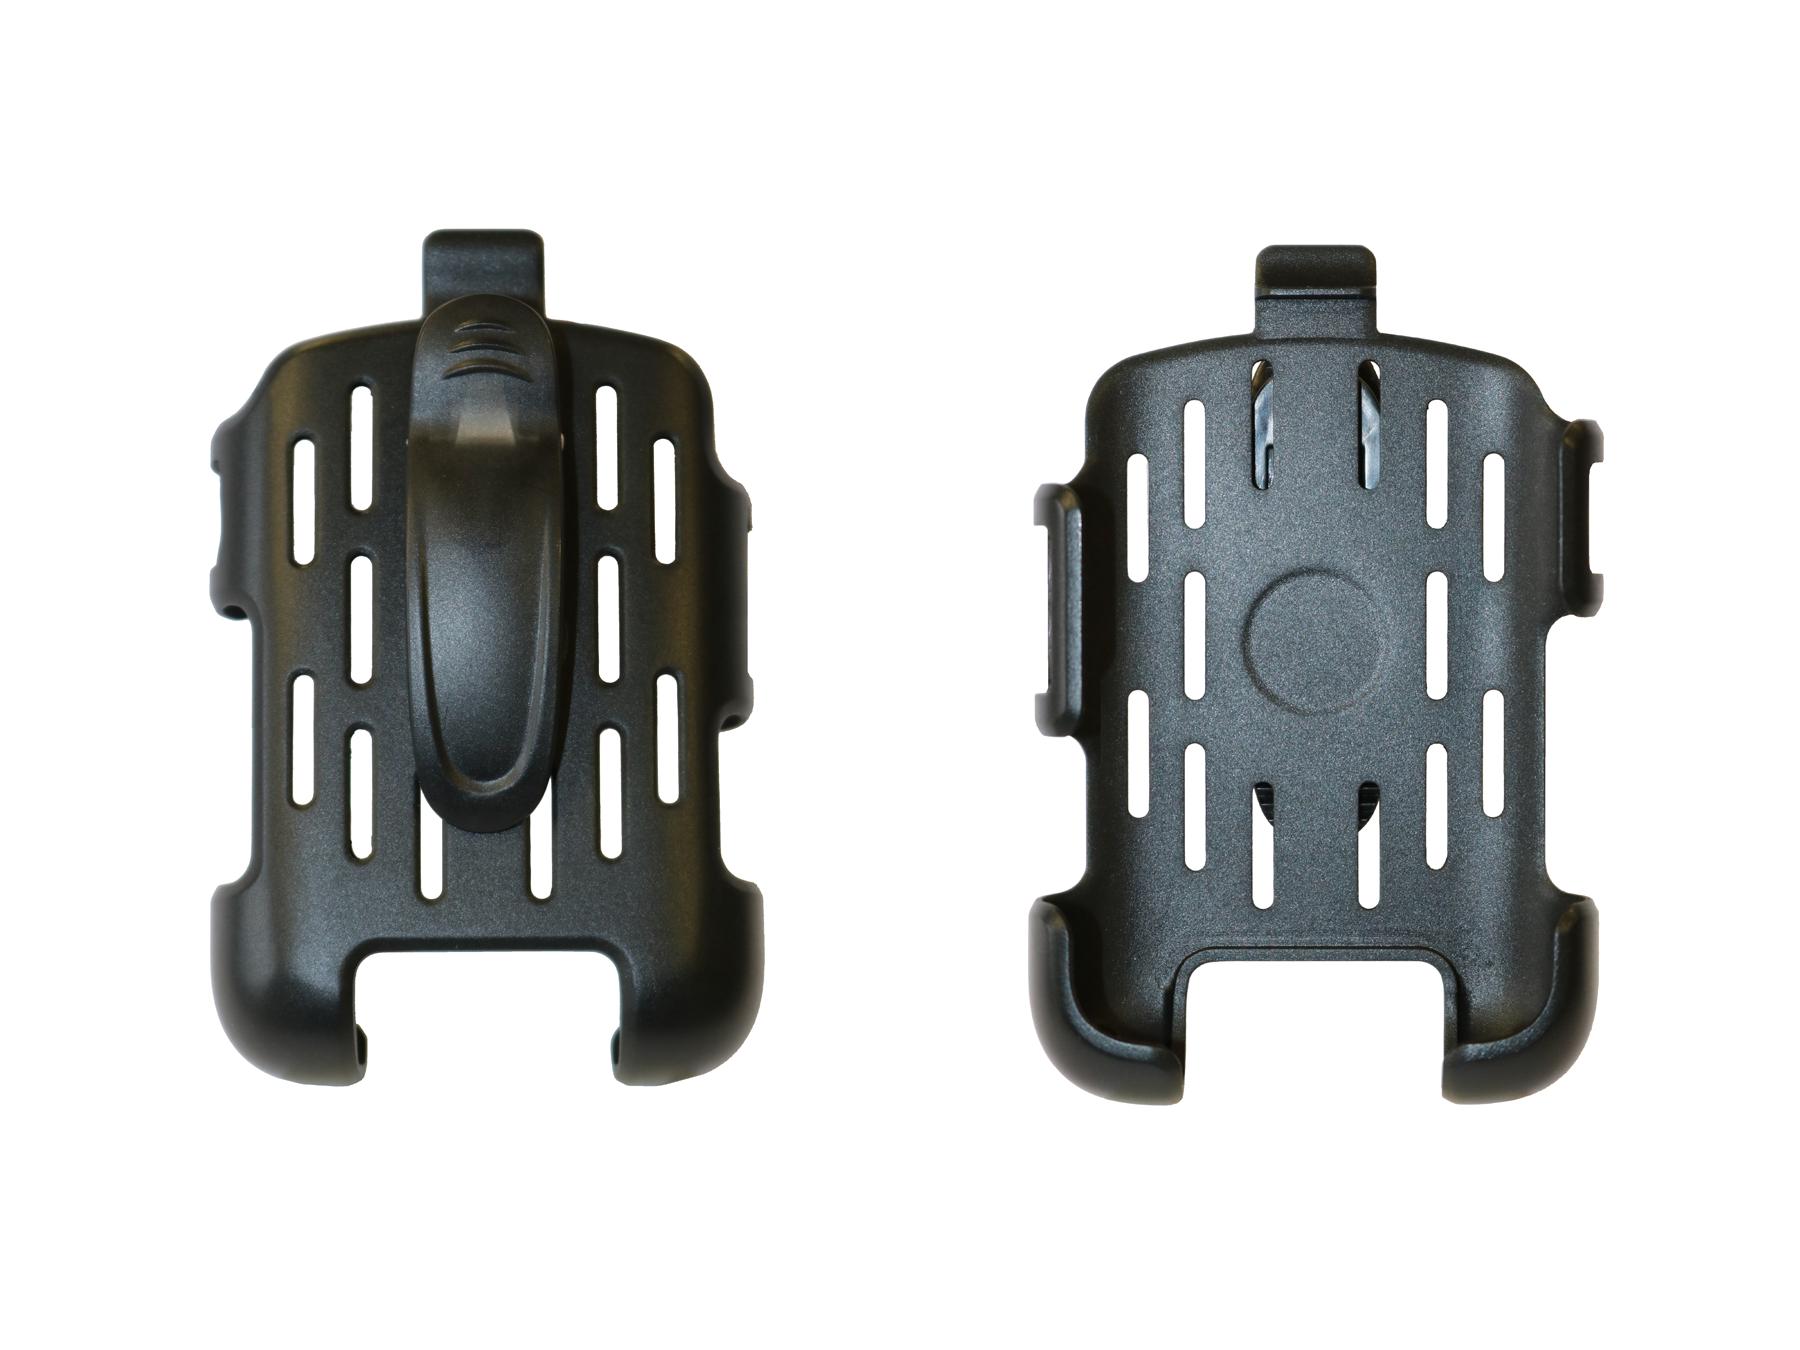 IIS530.x / S520.x belt clip